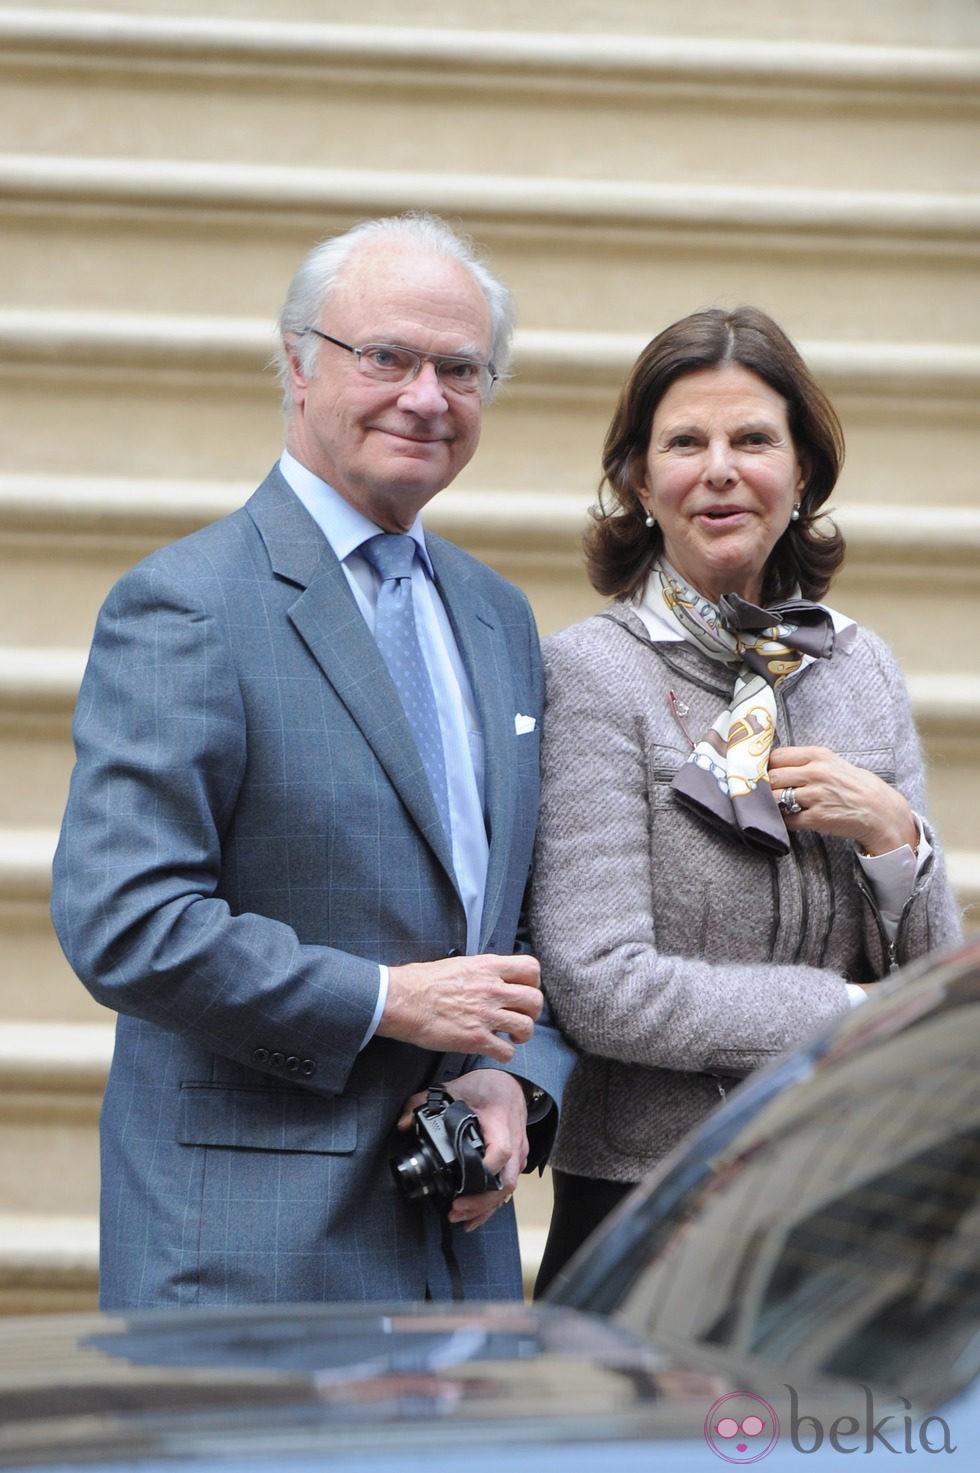 Los Reyes de Suecia en Nueva York para conocer a su nieta